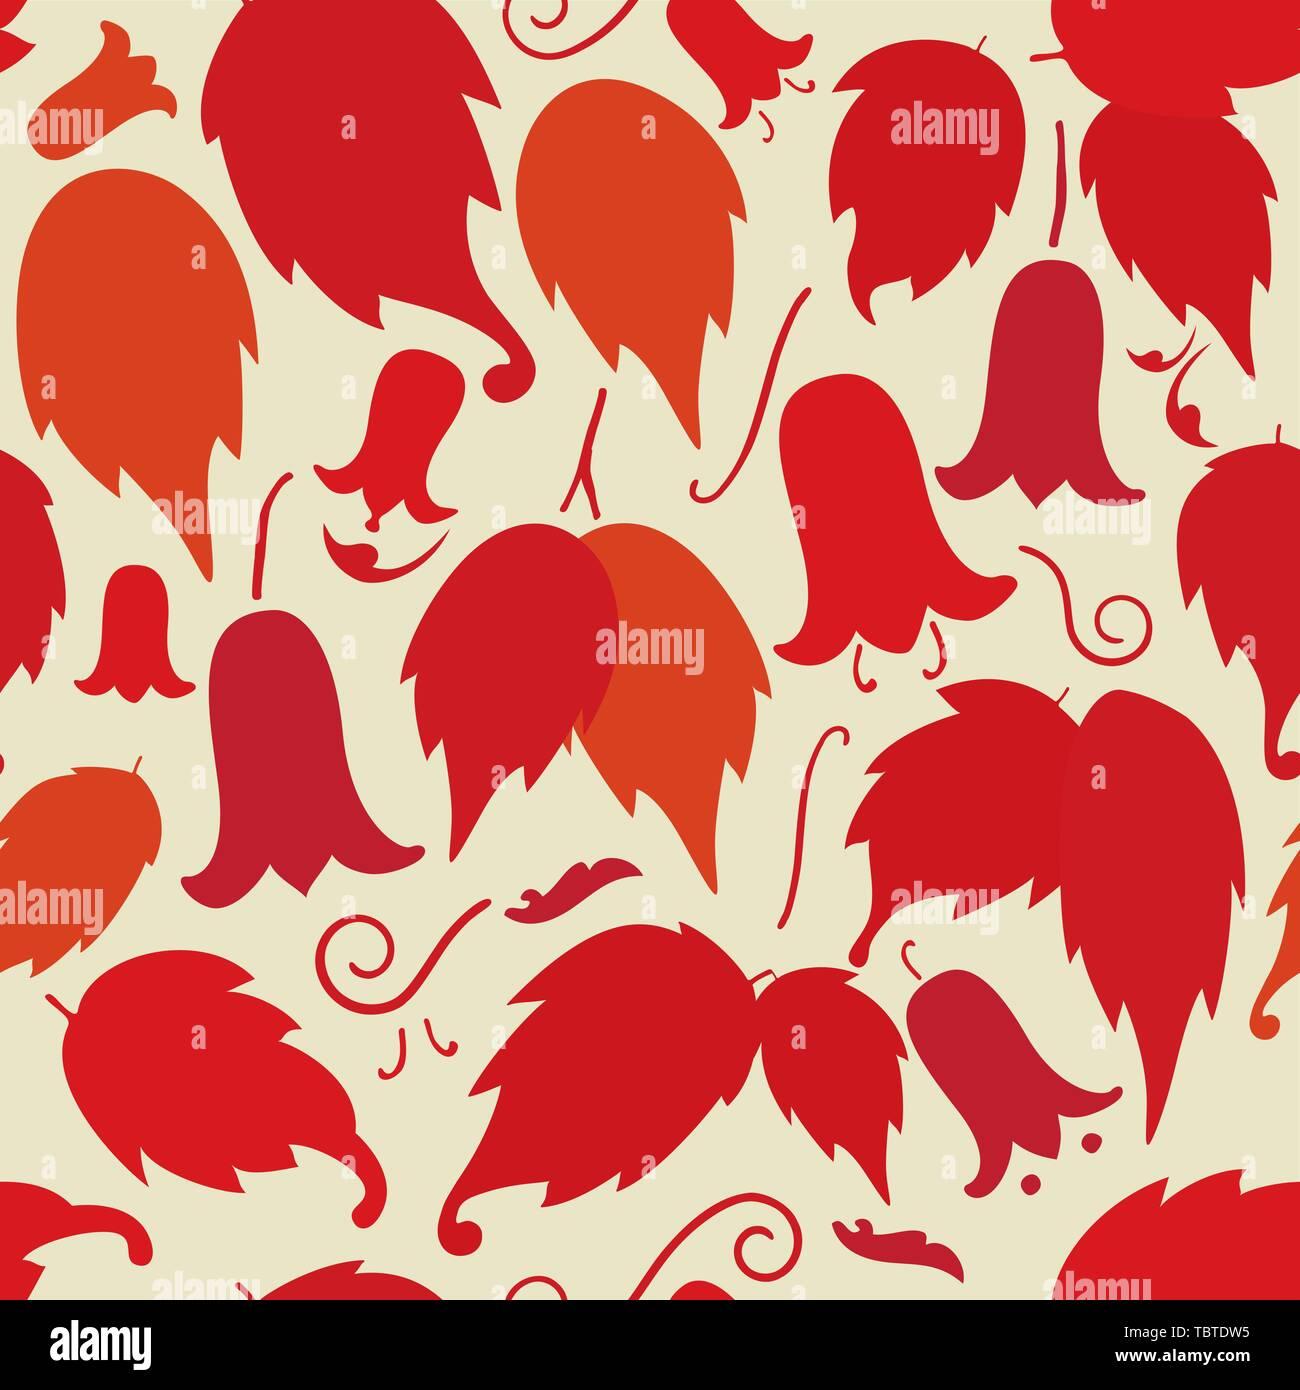 Vector Illustration. Nahtlose rote Blätter Hintergrund mit Blumen und Ranken. Stockbild